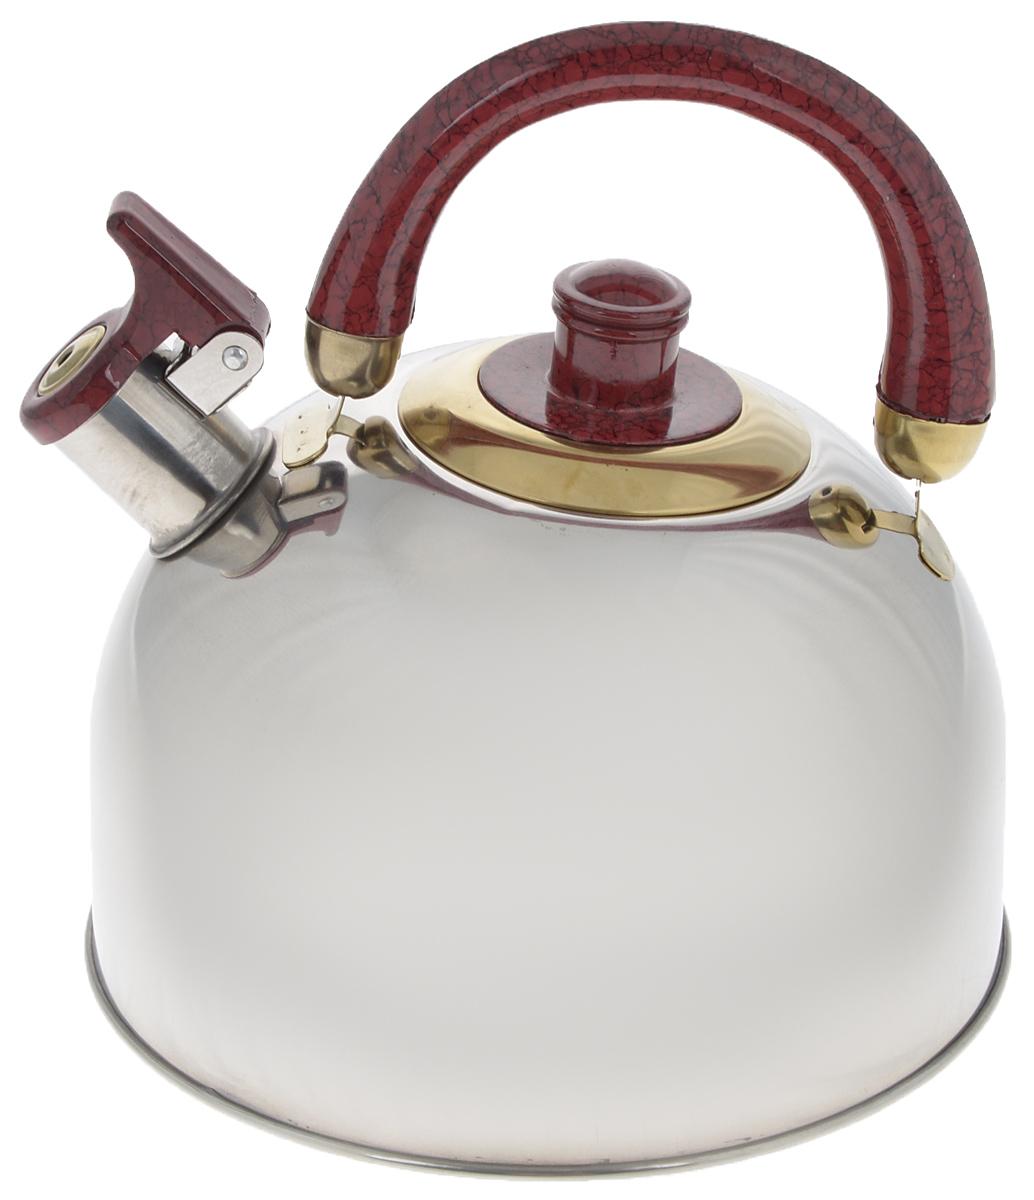 Чайник Mayer & Boch, со свистком, цвет: стальной, бордовый, золотистый, 3,5 л. 10691069А_стальной, бордовый, золотойЧайник Mayer & Boch изготовлен из высококачественной нержавеющей стали, что делает его весьма гигиеничным и устойчивым к износу при длительном использовании. Утолщенное дно обеспечивает равномерный и быстрый нагрев, поэтому вода закипает гораздо быстрее, чем в обычных чайниках. Чайник оснащен откидным свистком, звуковой сигнал которого подскажет, когда закипит вода. Подвижная ручка из бакелита дает дополнительное удобство при разлитии напитка. Чайник Mayer & Boch идеально впишется в интерьер любой кухни и станет замечательным подарком к любому случаю. Подходит для газовых, стеклокерамических, галогеновых и электрических плит. Не подходит для индукционных. Можно мыть в посудомоечной машине. Высота чайника (без учета ручки и крышки): 13 см. Высота чайника (с учетом ручки и крышки): 21,5 см. Диаметр чайника (по верхнему краю): 8,5 см.